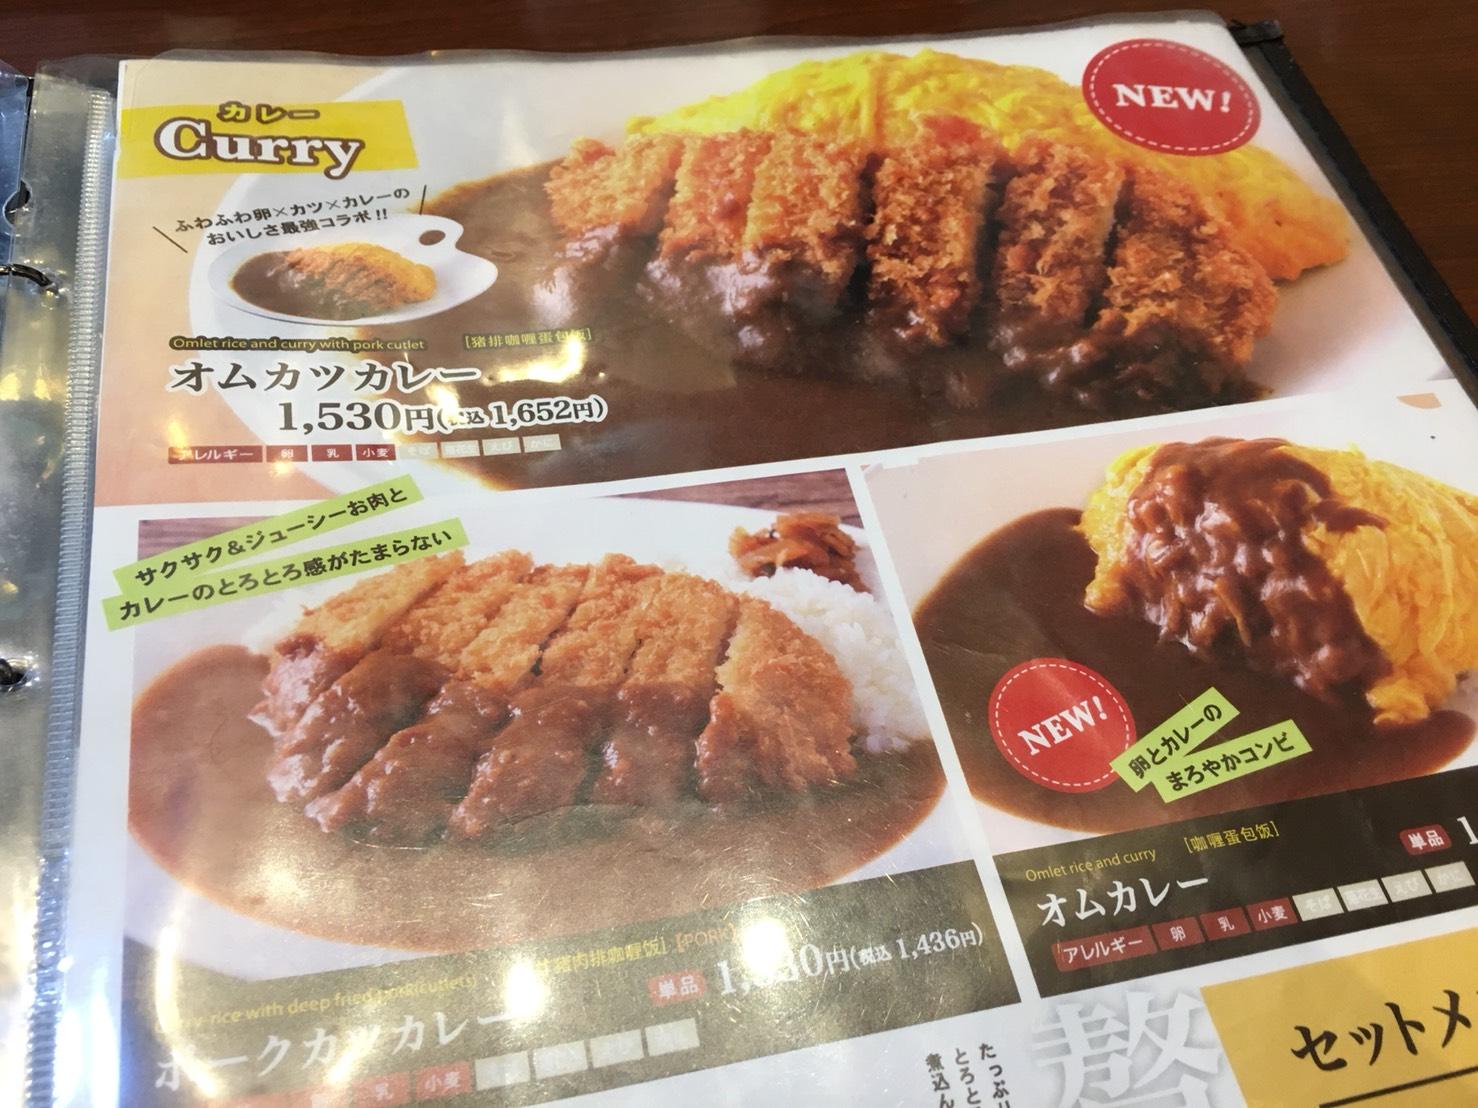 【上野駅】上野と言えば!の「じゅらく」で洋食とパンダパンケーキのじゅらくのオムカツカレーメニュー